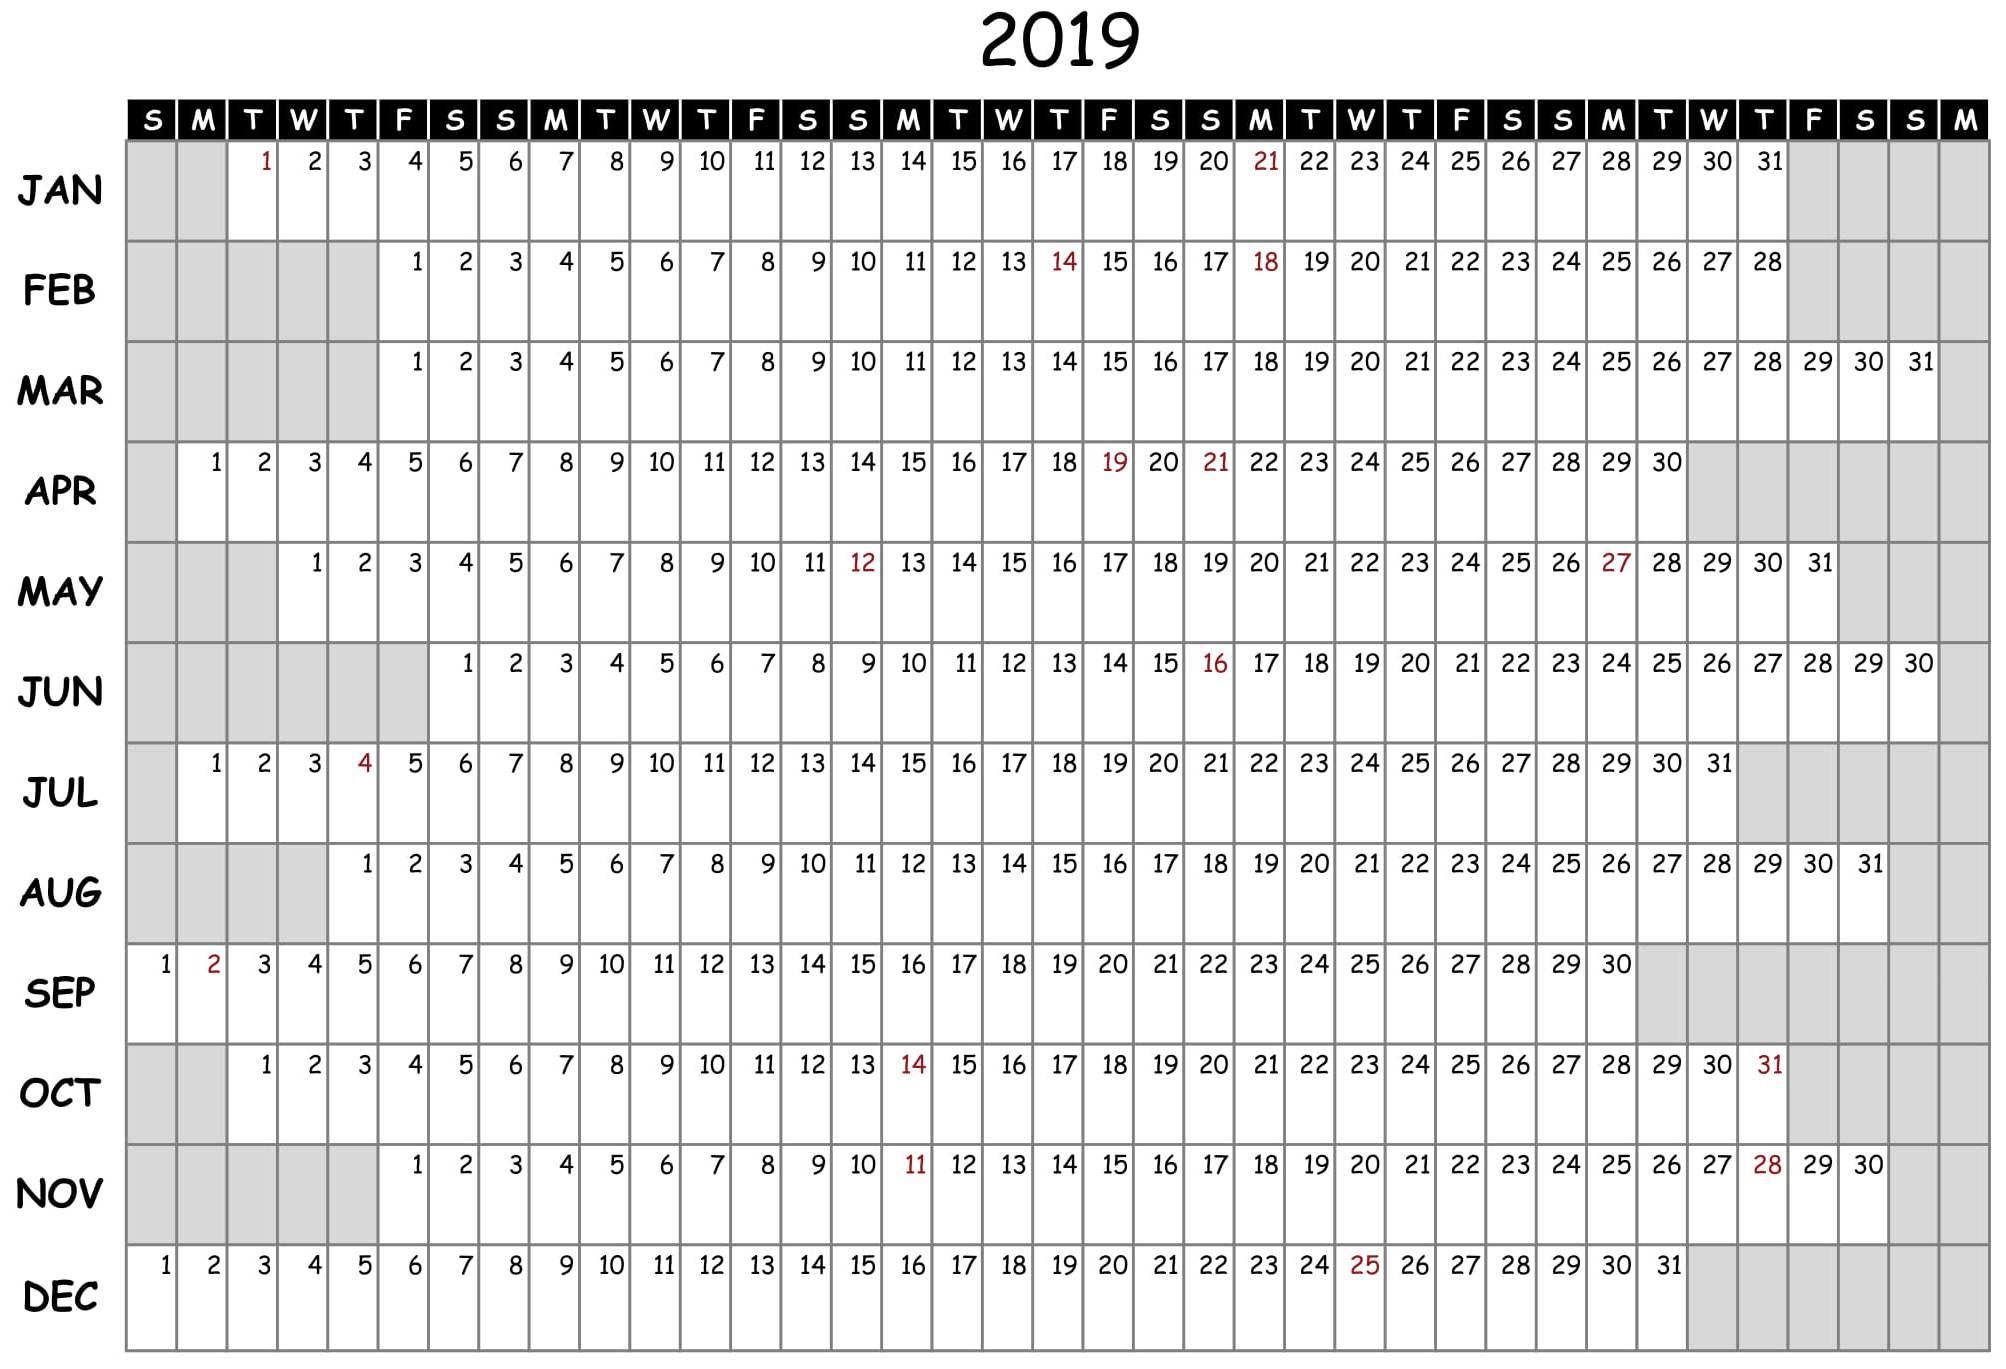 Attendance Calendar 2019 Free - Infer.ifreezer.co regarding Free Printable Employee Attendance Calendar Template